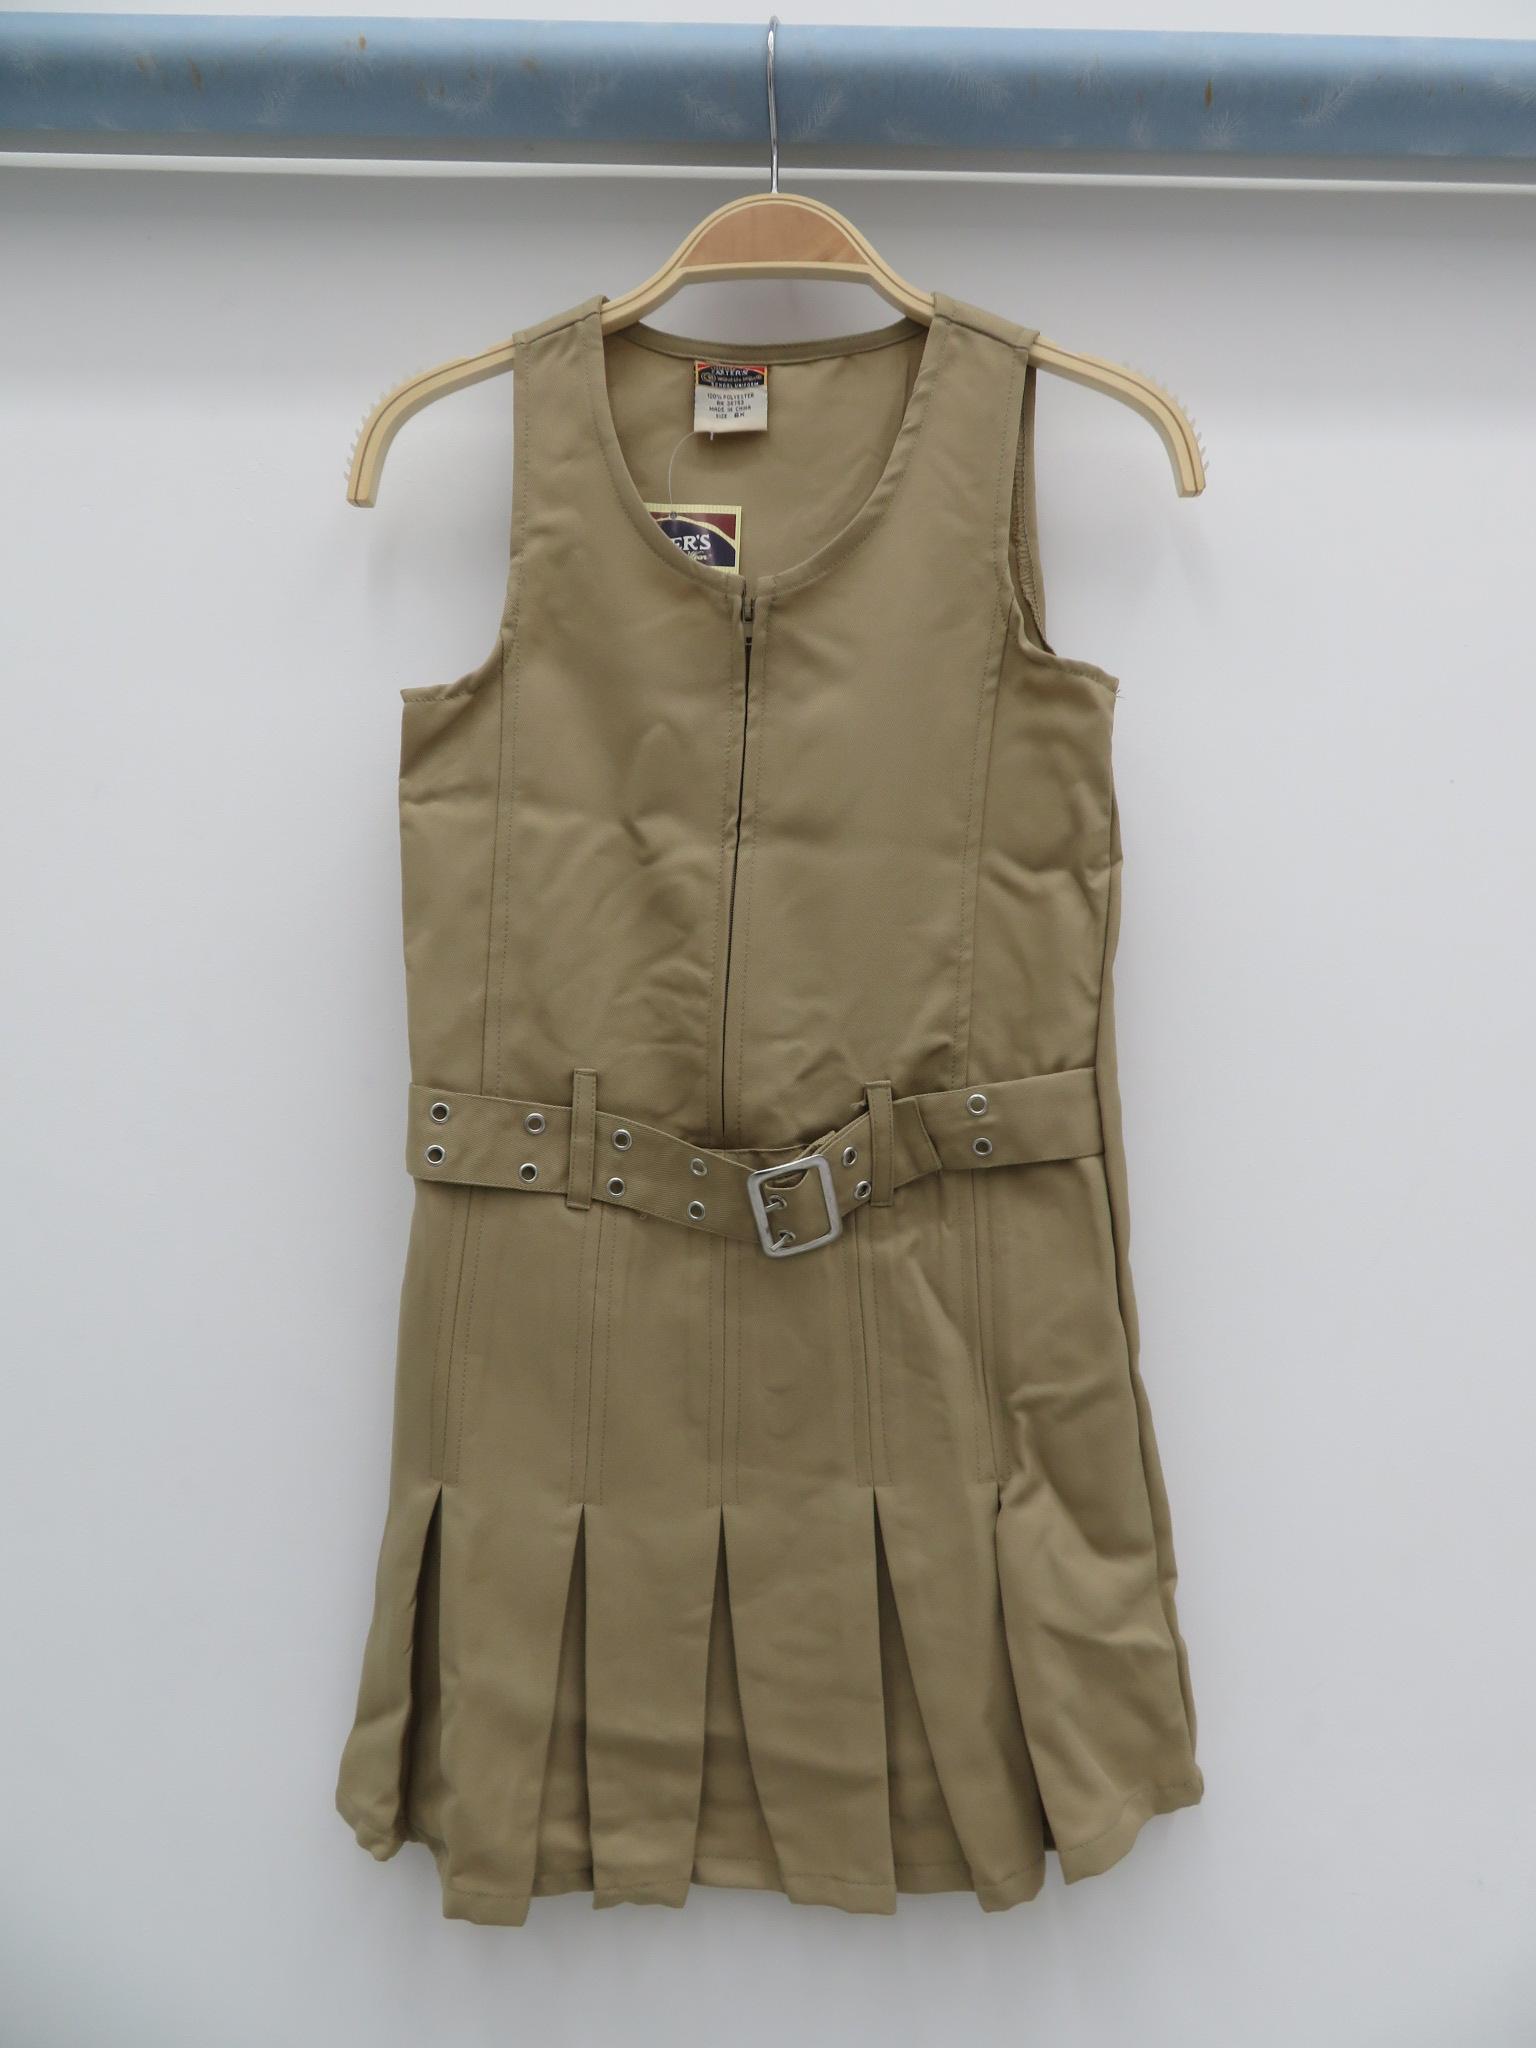 2018夏季新款外贸原单女孩束腰纯色连衣裙